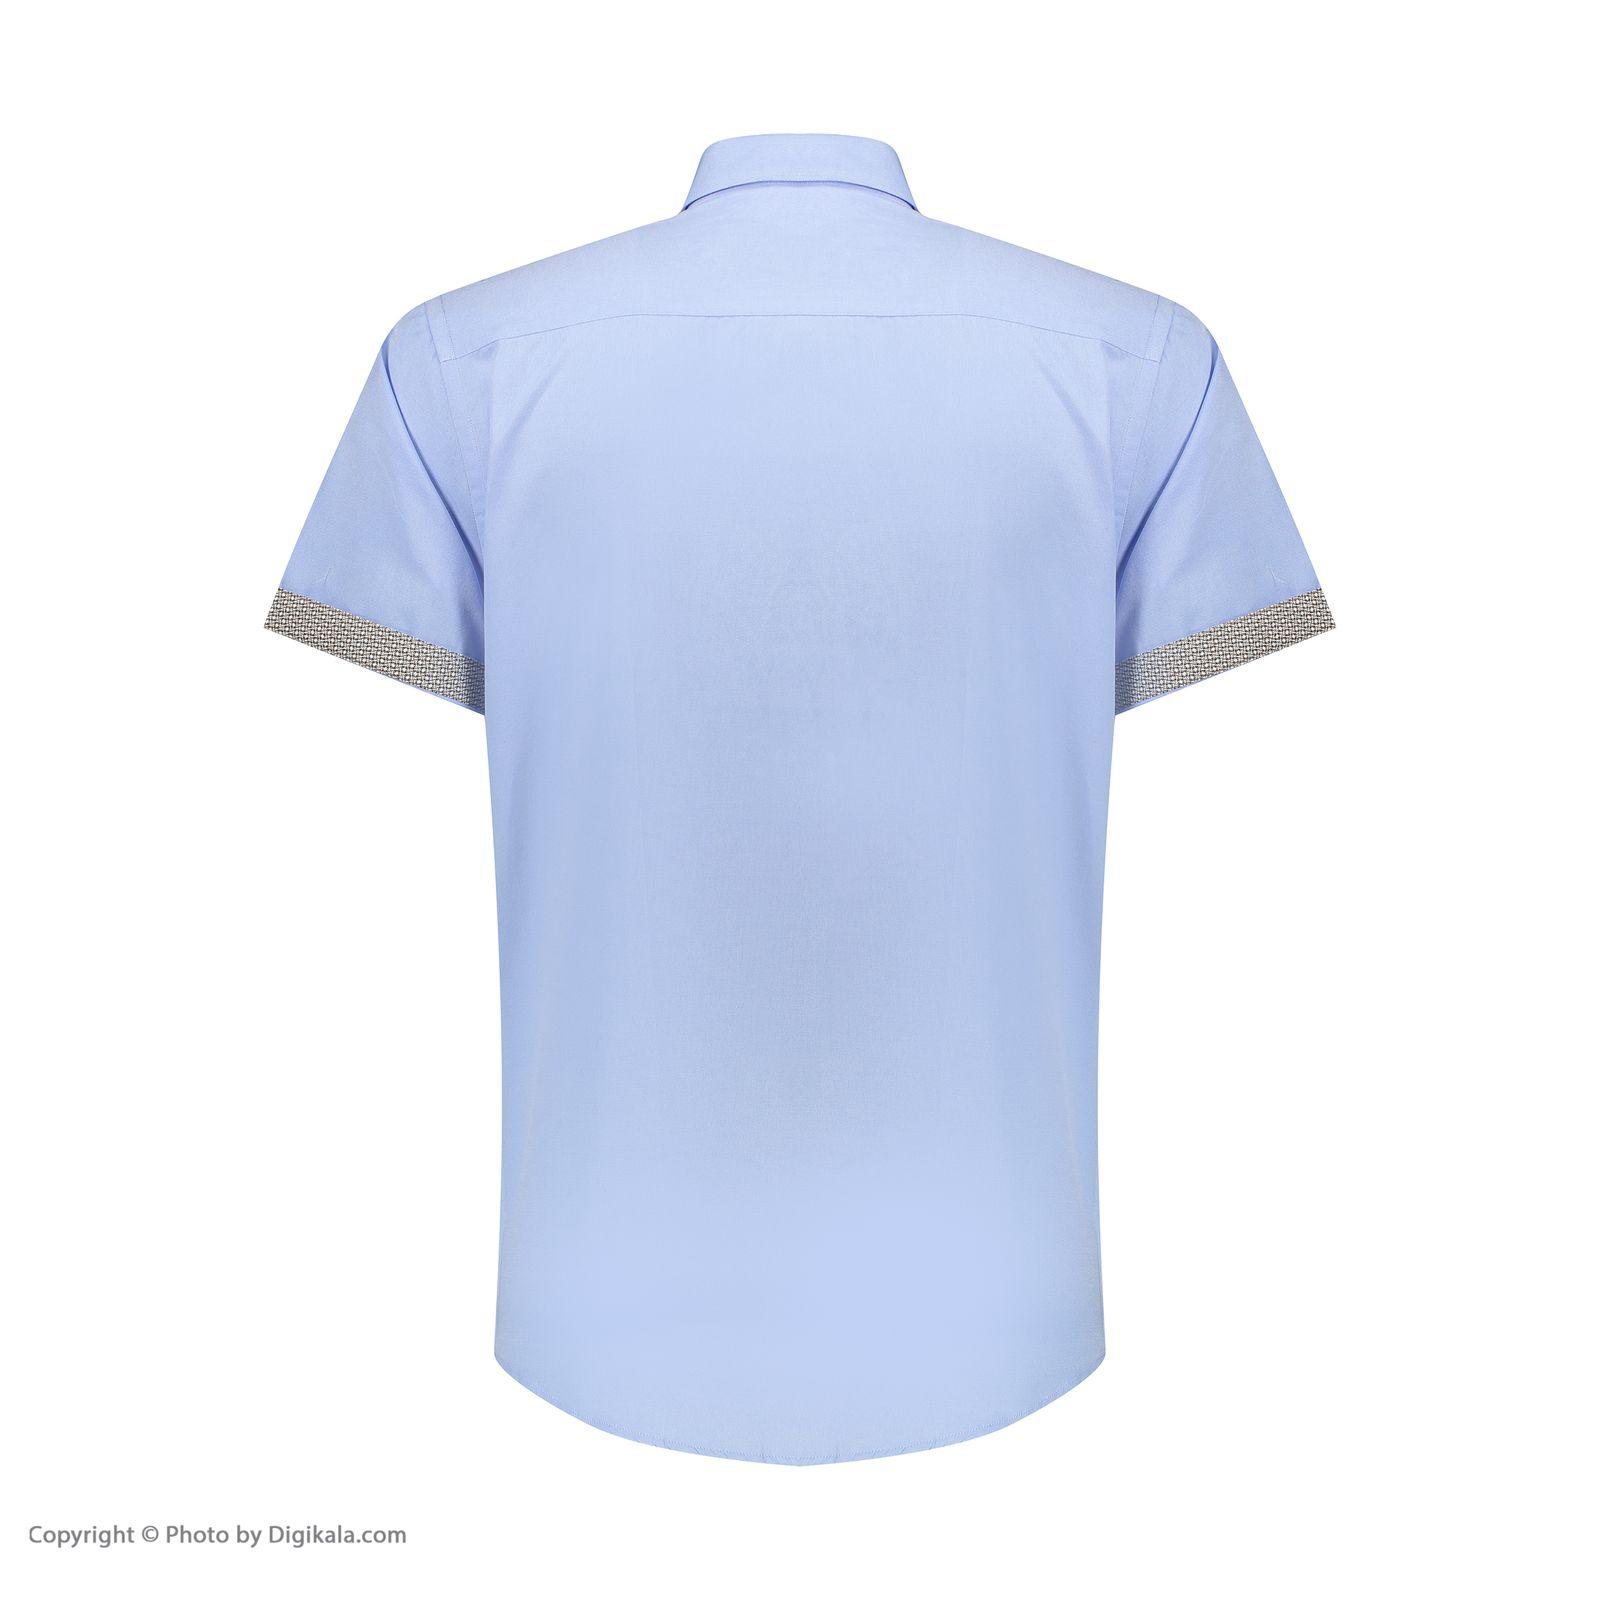 پیراهن آستین کوتاه مردانه ان سی نو مدل جرارد رنگ آبی -  - 4